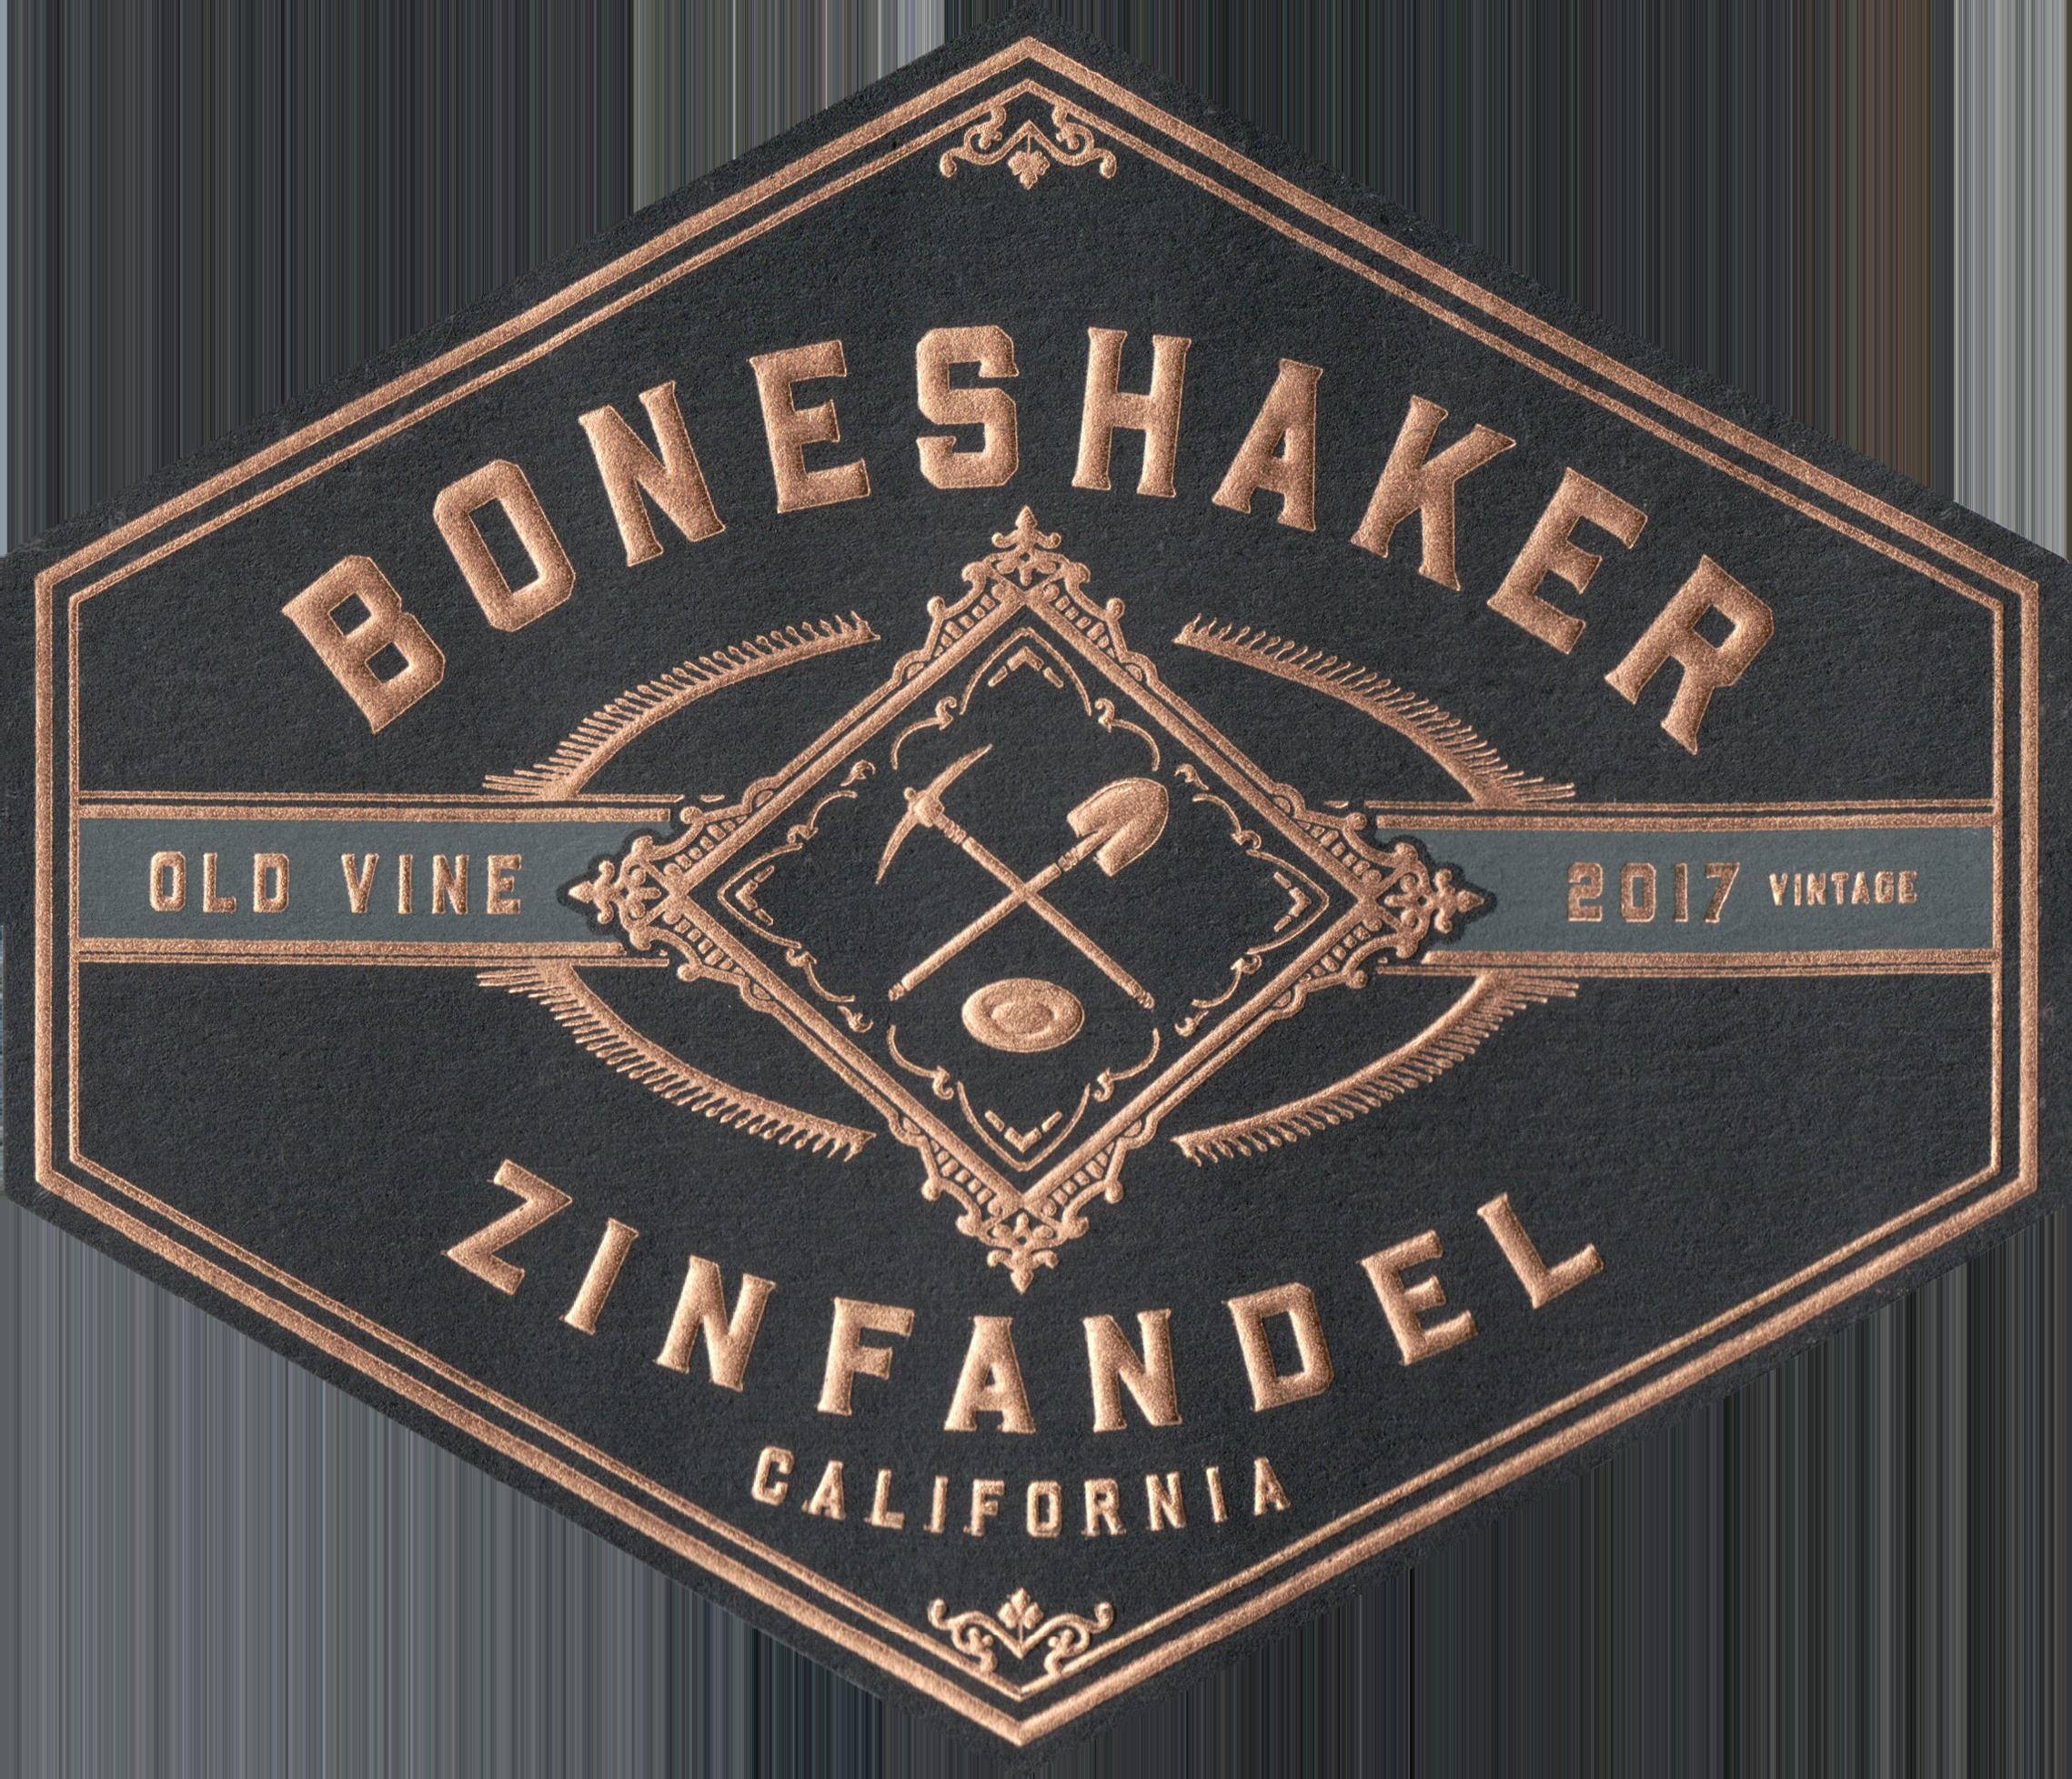 Hahn Boneshaker Old Vine Zinfandel 2017